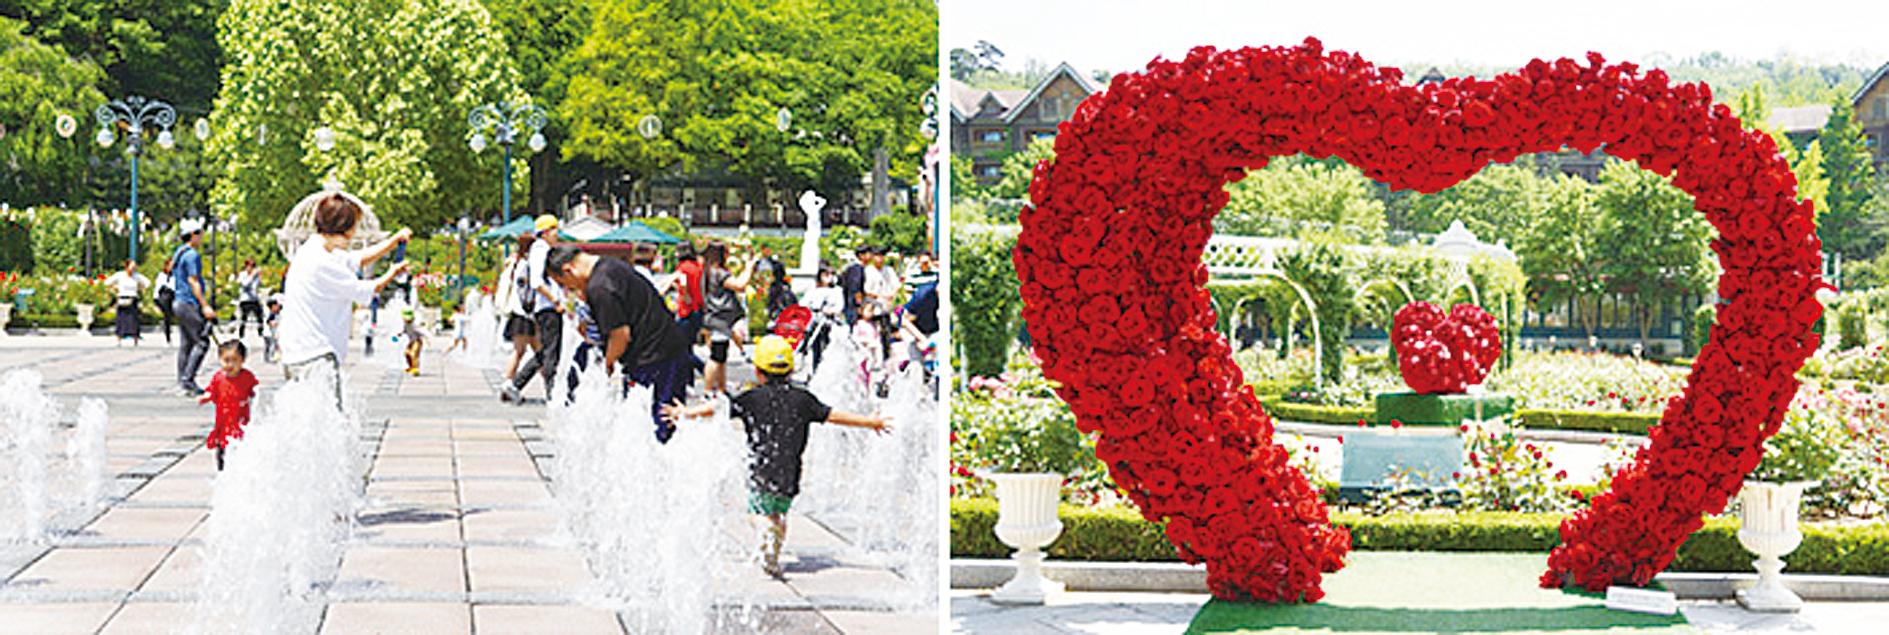 四季庭園和玫瑰園。